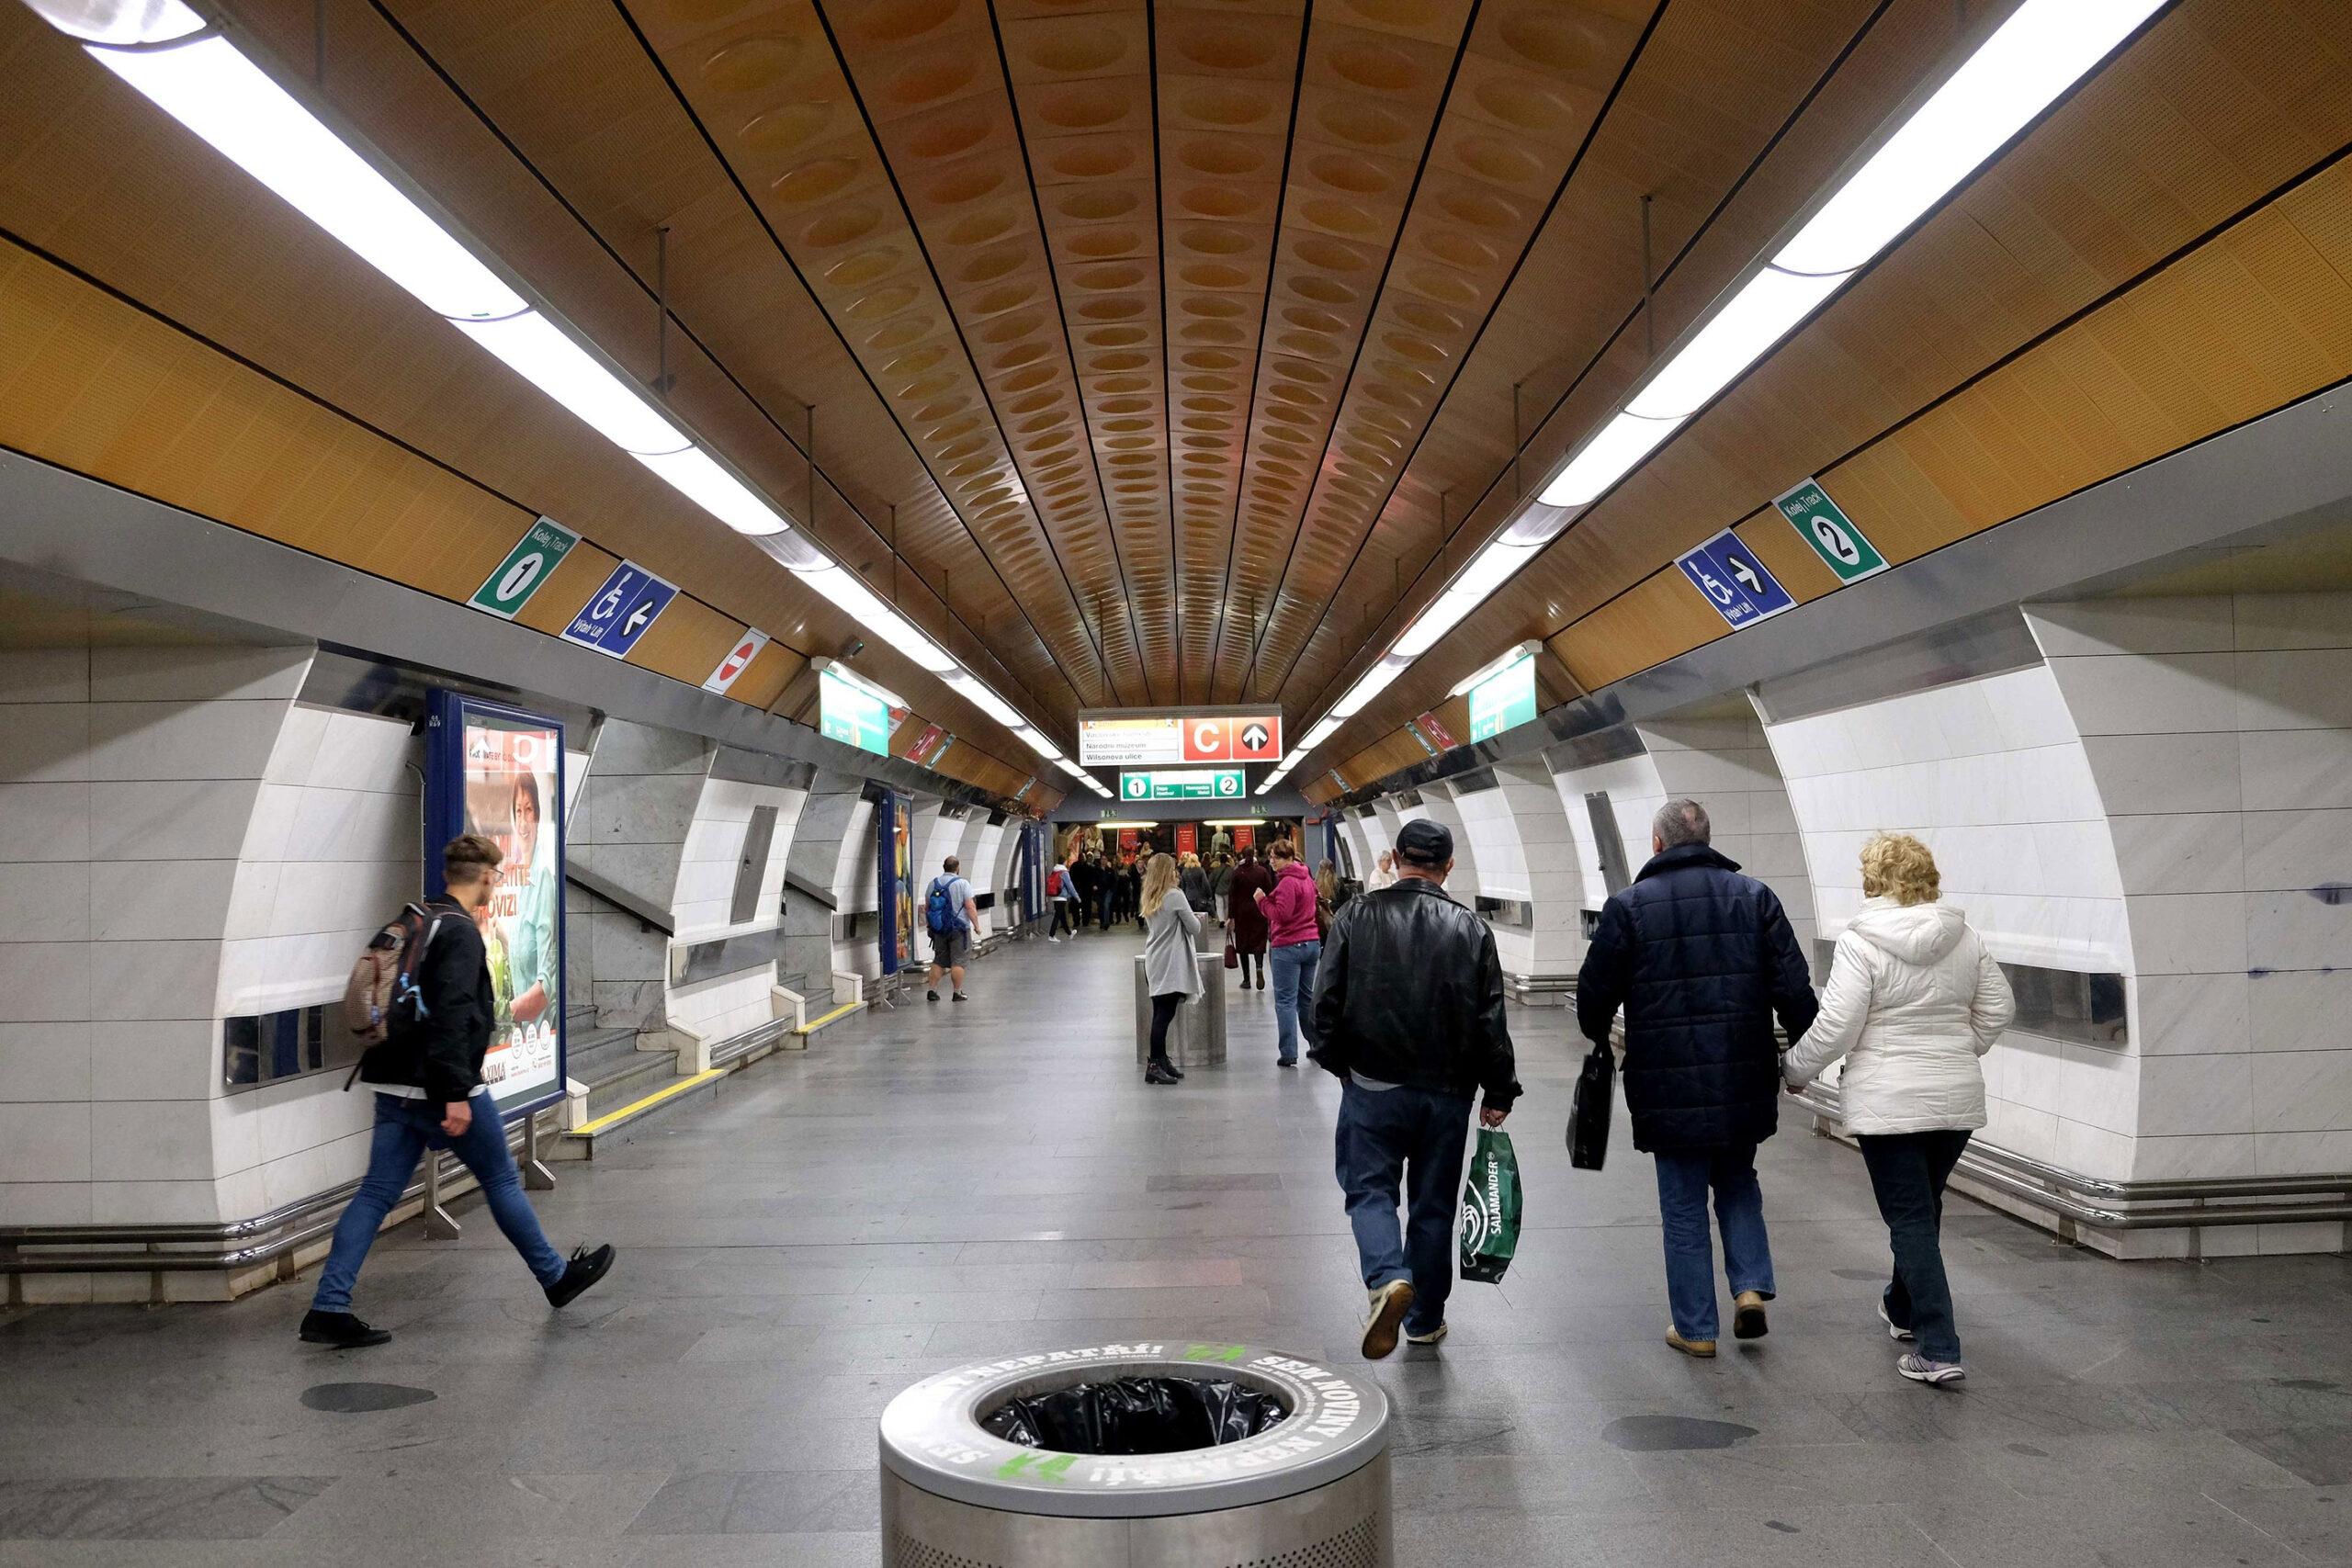 Praha Tbane kollektivtrafikk stasjon transport